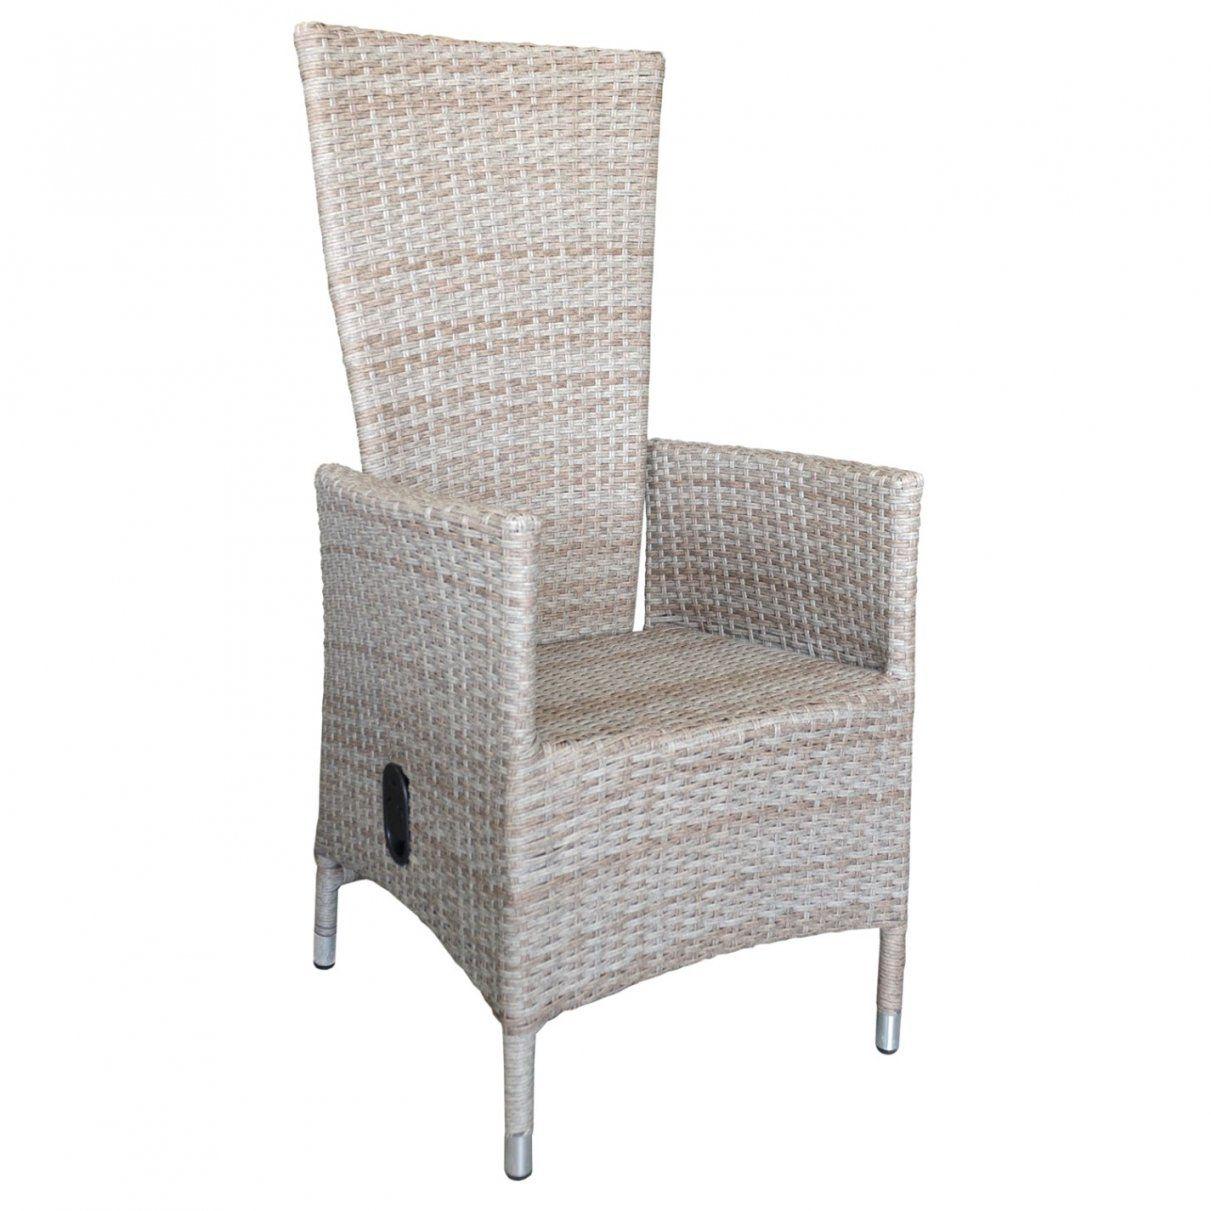 Inspirierend Polyrattan Sessel Lea Natur Stufenlos Verstellbare von Rattansessel Mit Verstellbarer Rückenlehne Bild